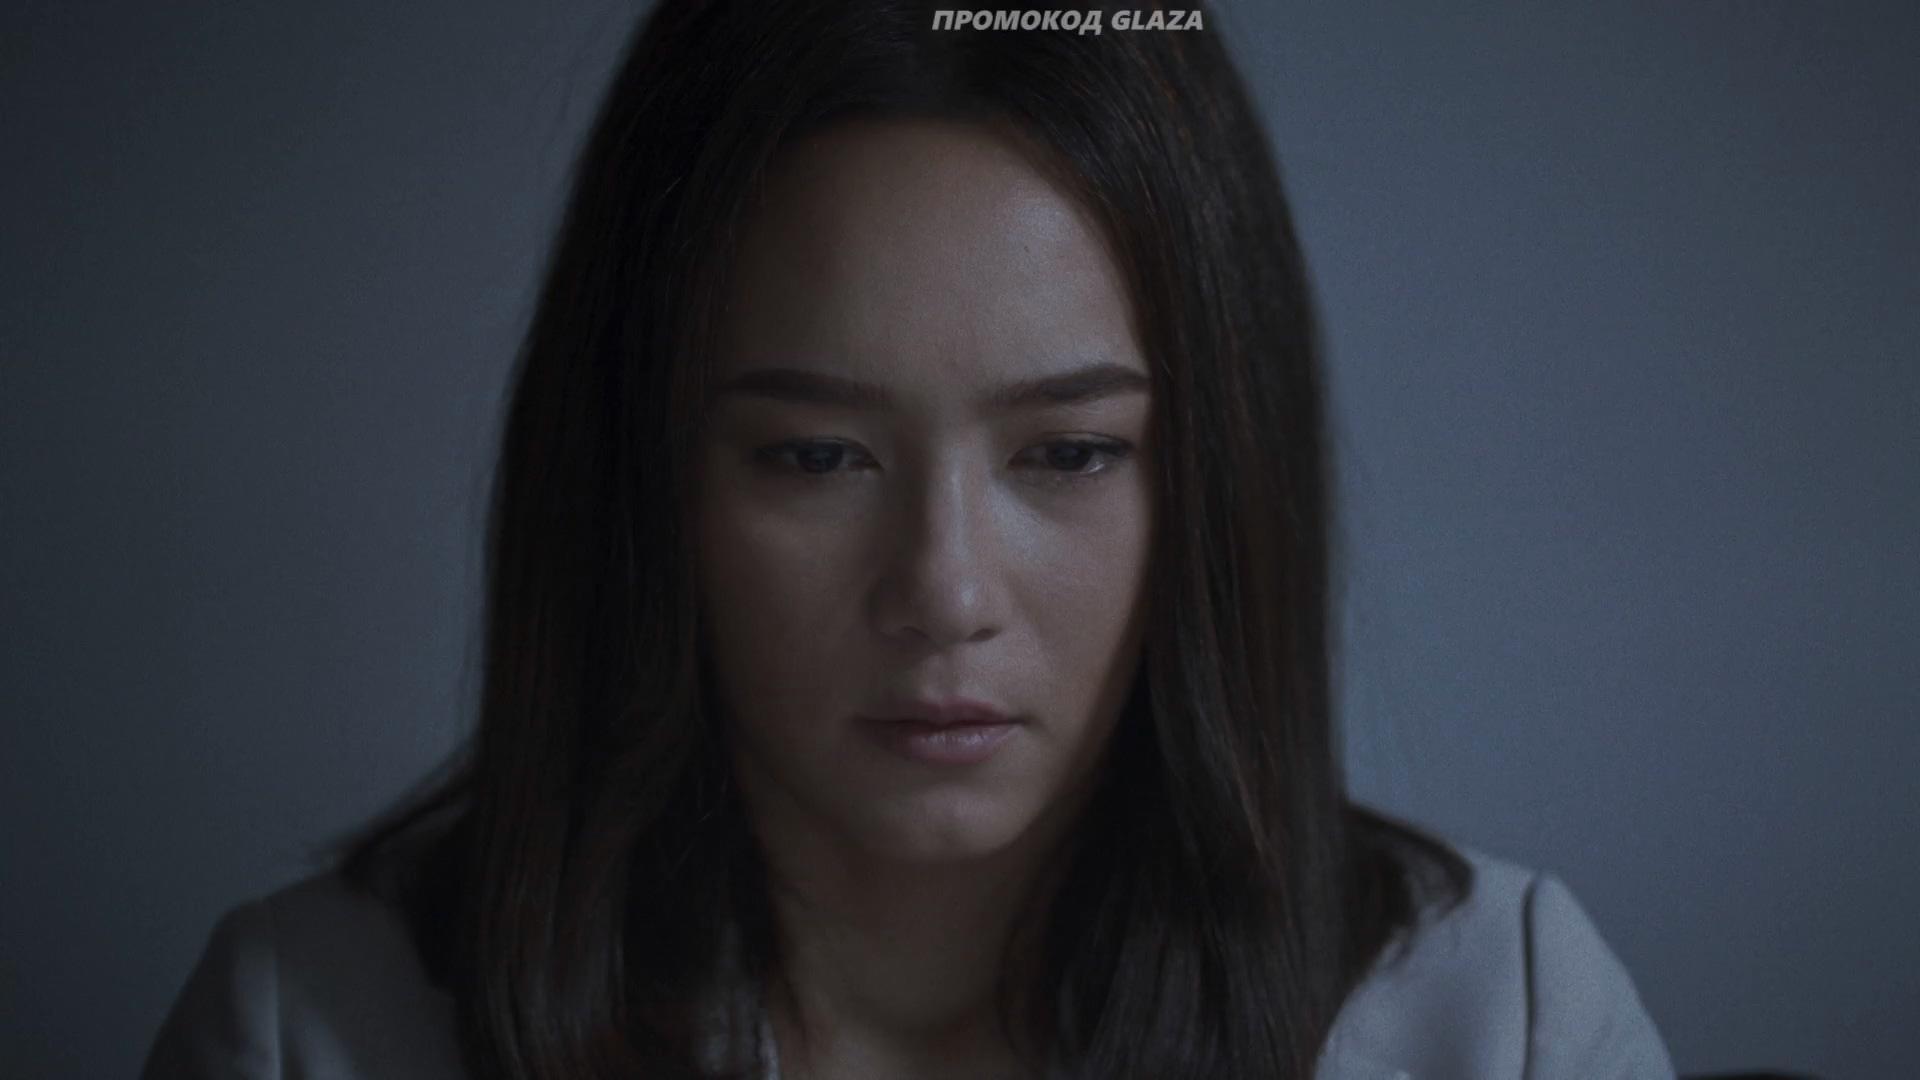 Неспящие: Две подушки и потерянная душа (1 сезон: 1-13 серии из 13) (2019) WEBRip 1080p | Octopus